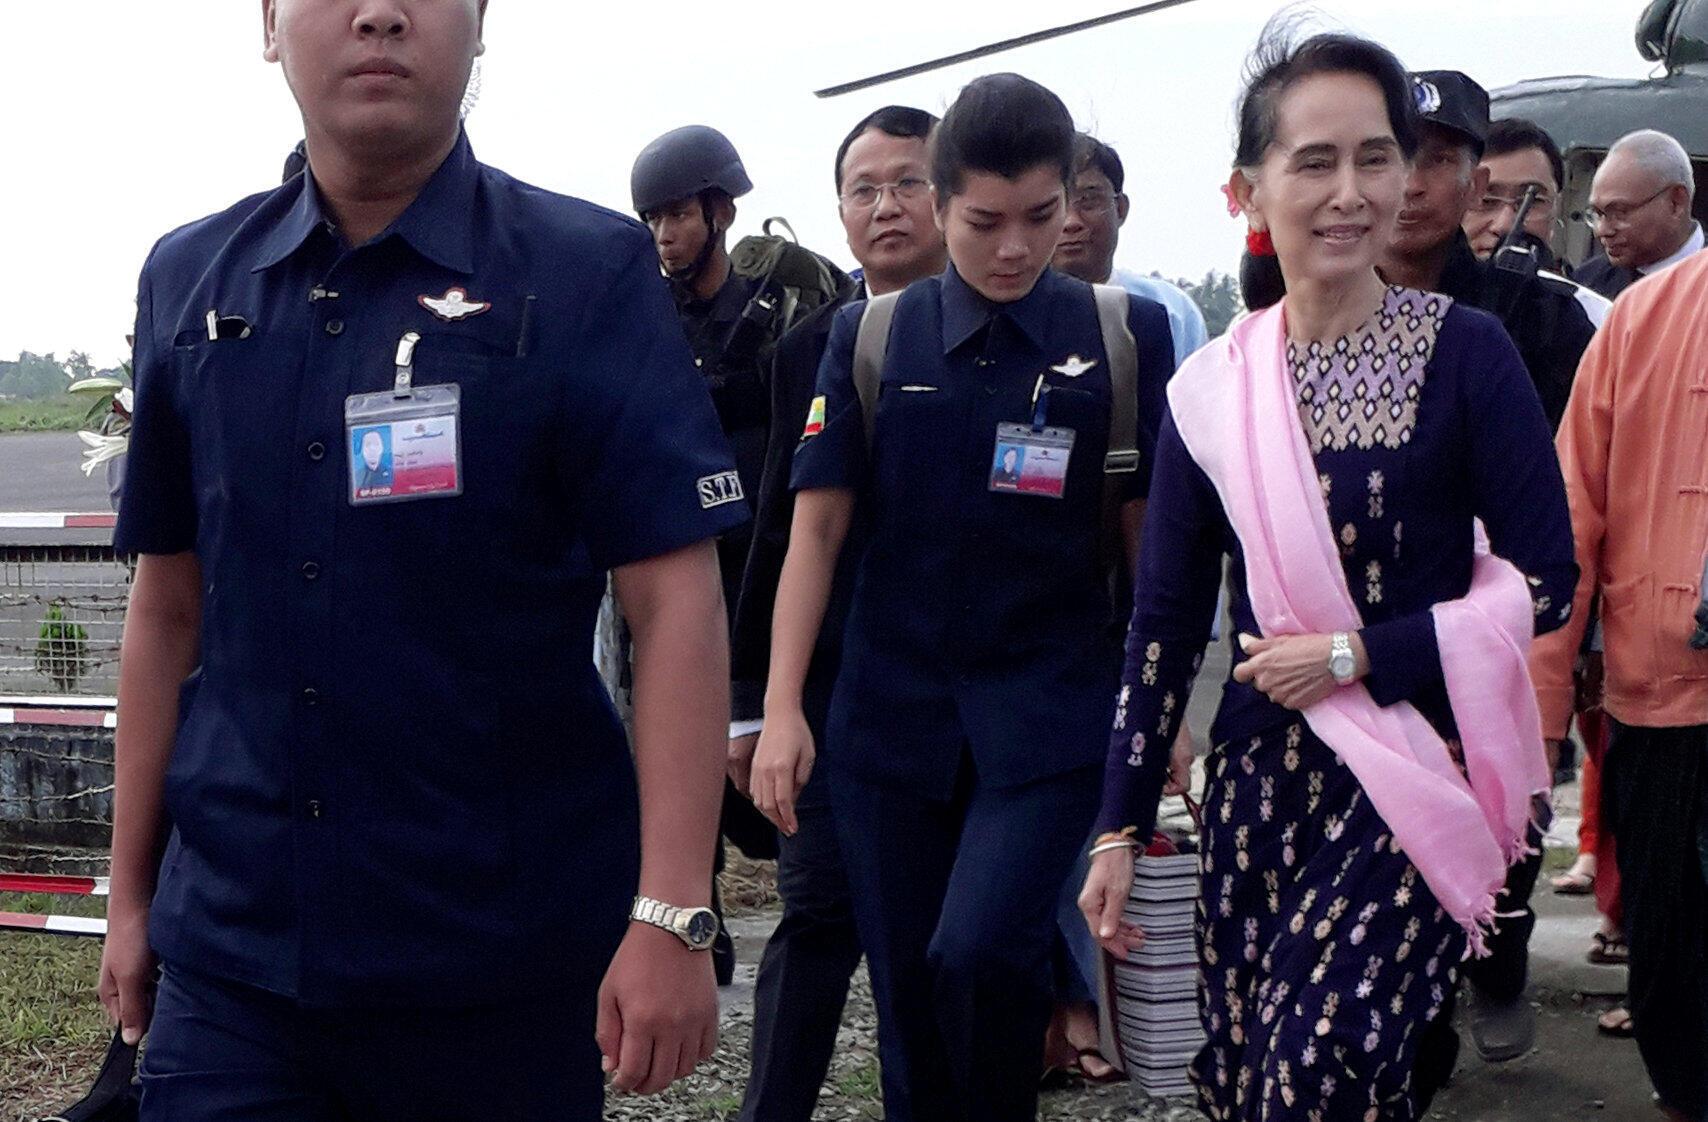 A líder birmanesa Aung San Suu Kyi visitou nesta quinta-feira, pela primeira vez, o oeste do país, onde em agosto uma onda de repressão obrigou os muçulmanos rohingyas a fugir em massa para Bangladesh.